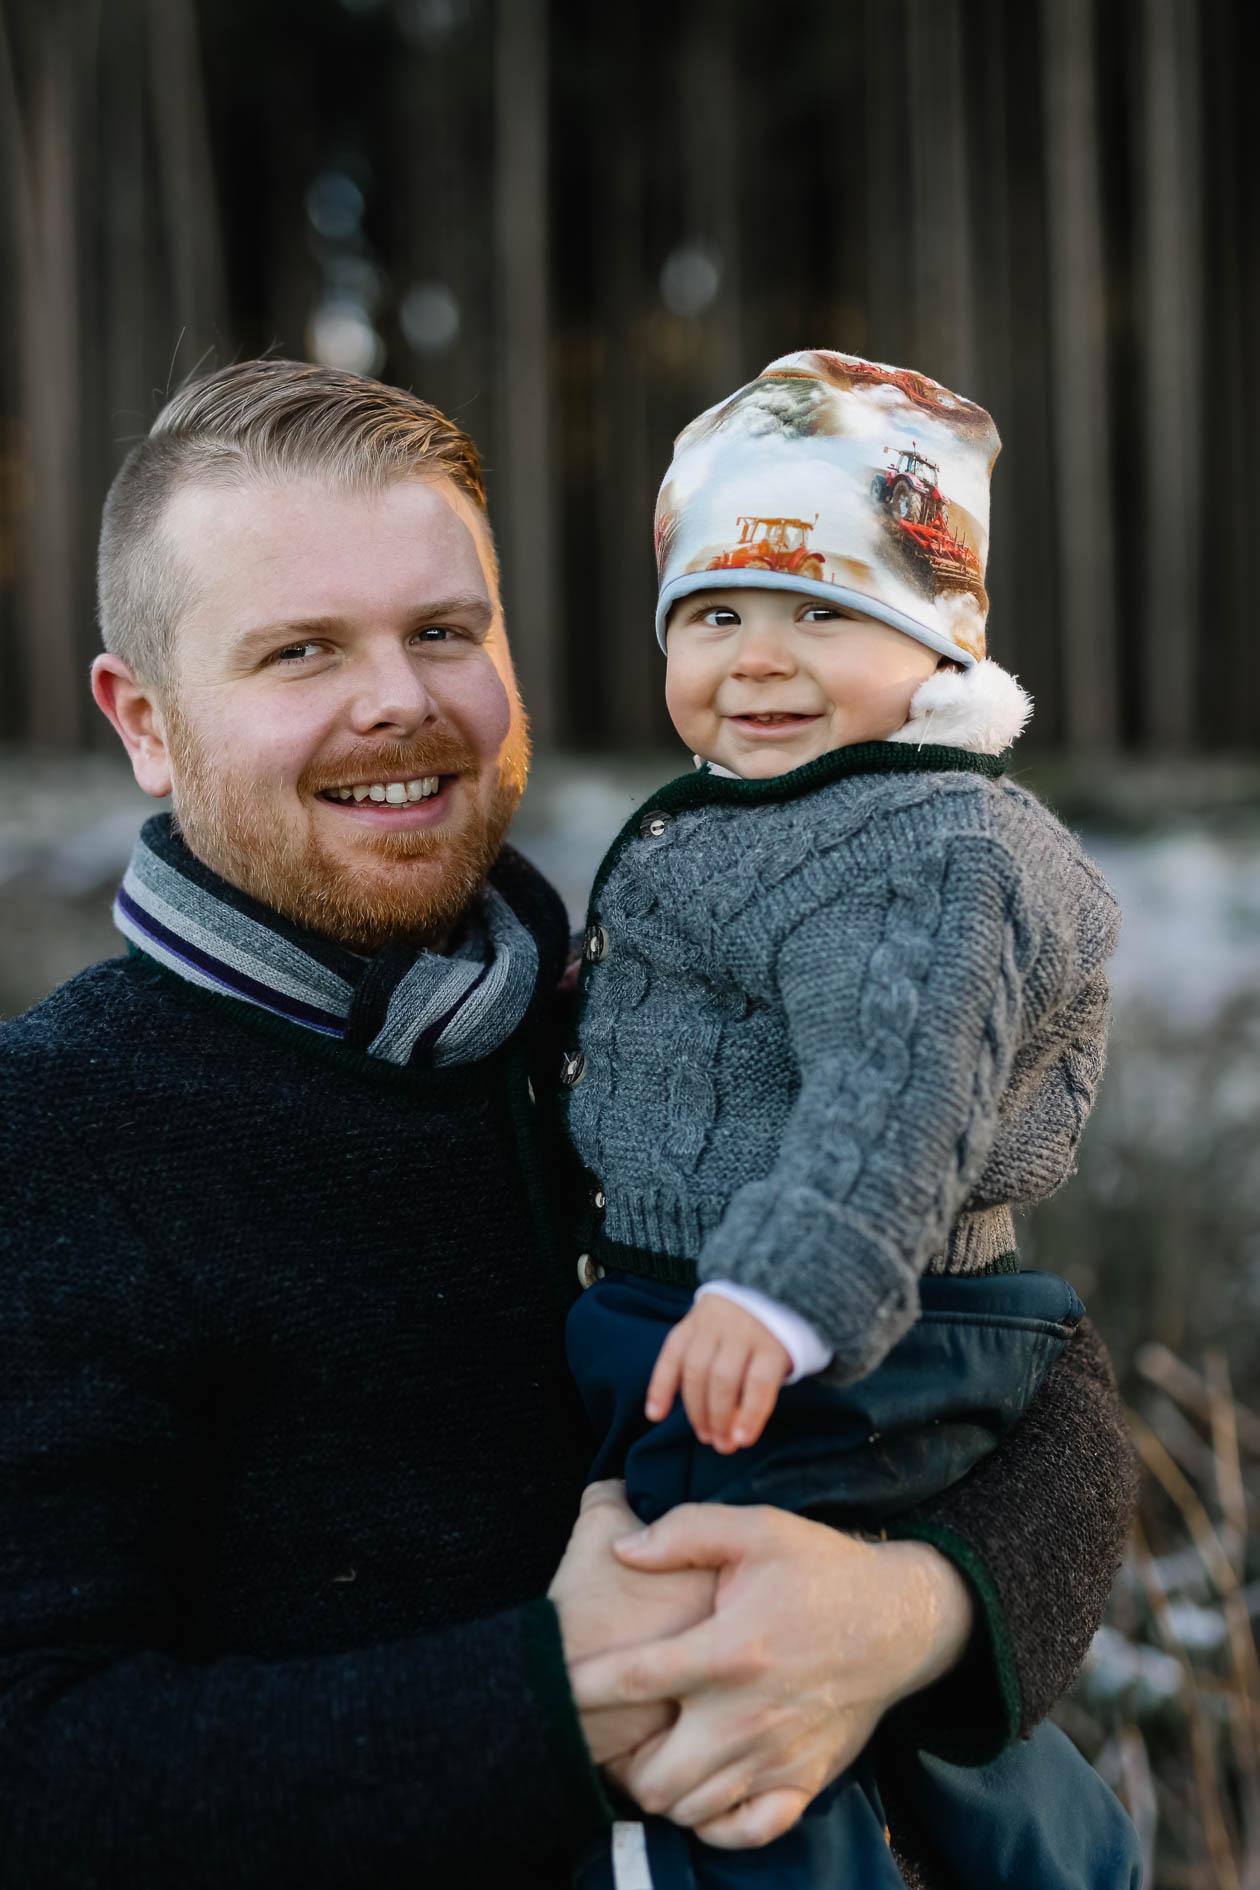 Vater und Sohn beim Familienshooting mit der Lichtzeichnerin Outdoor im Winter